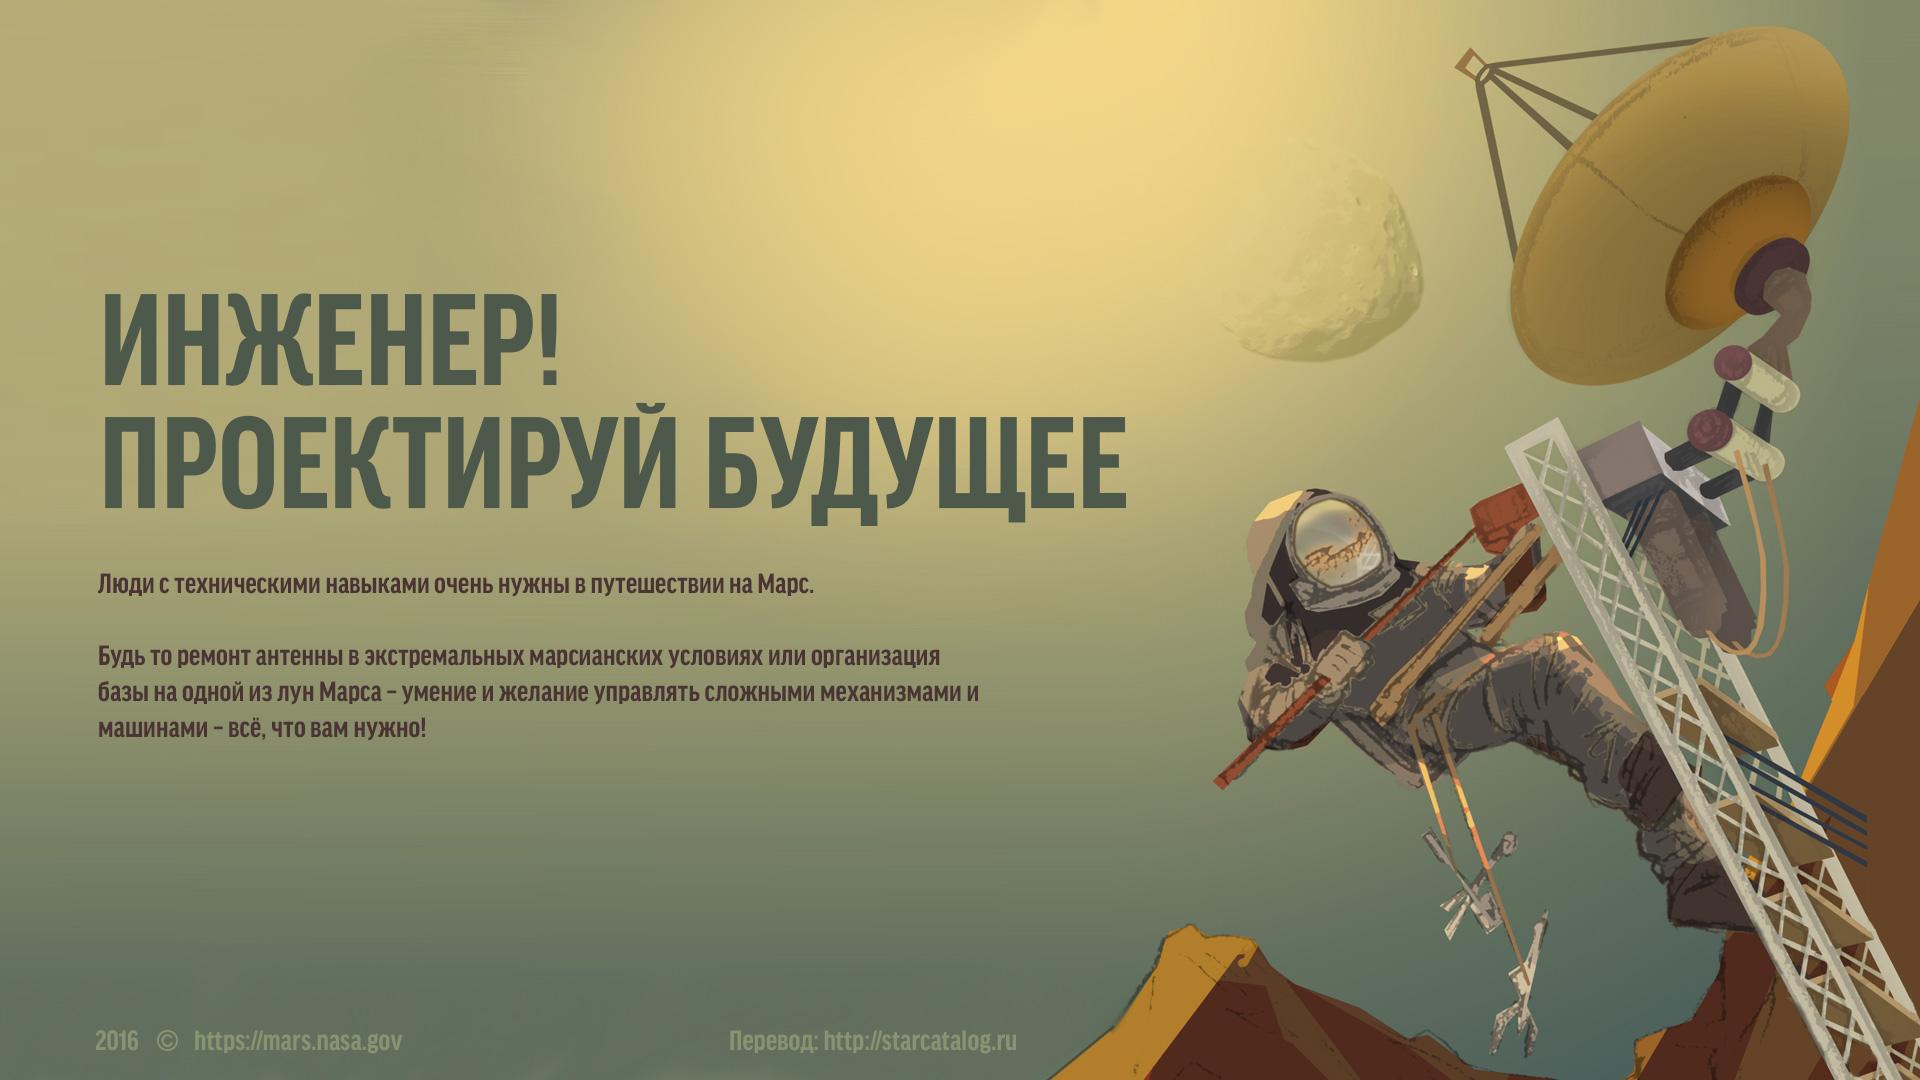 Плакаты NASA в высоком качестве, Марс